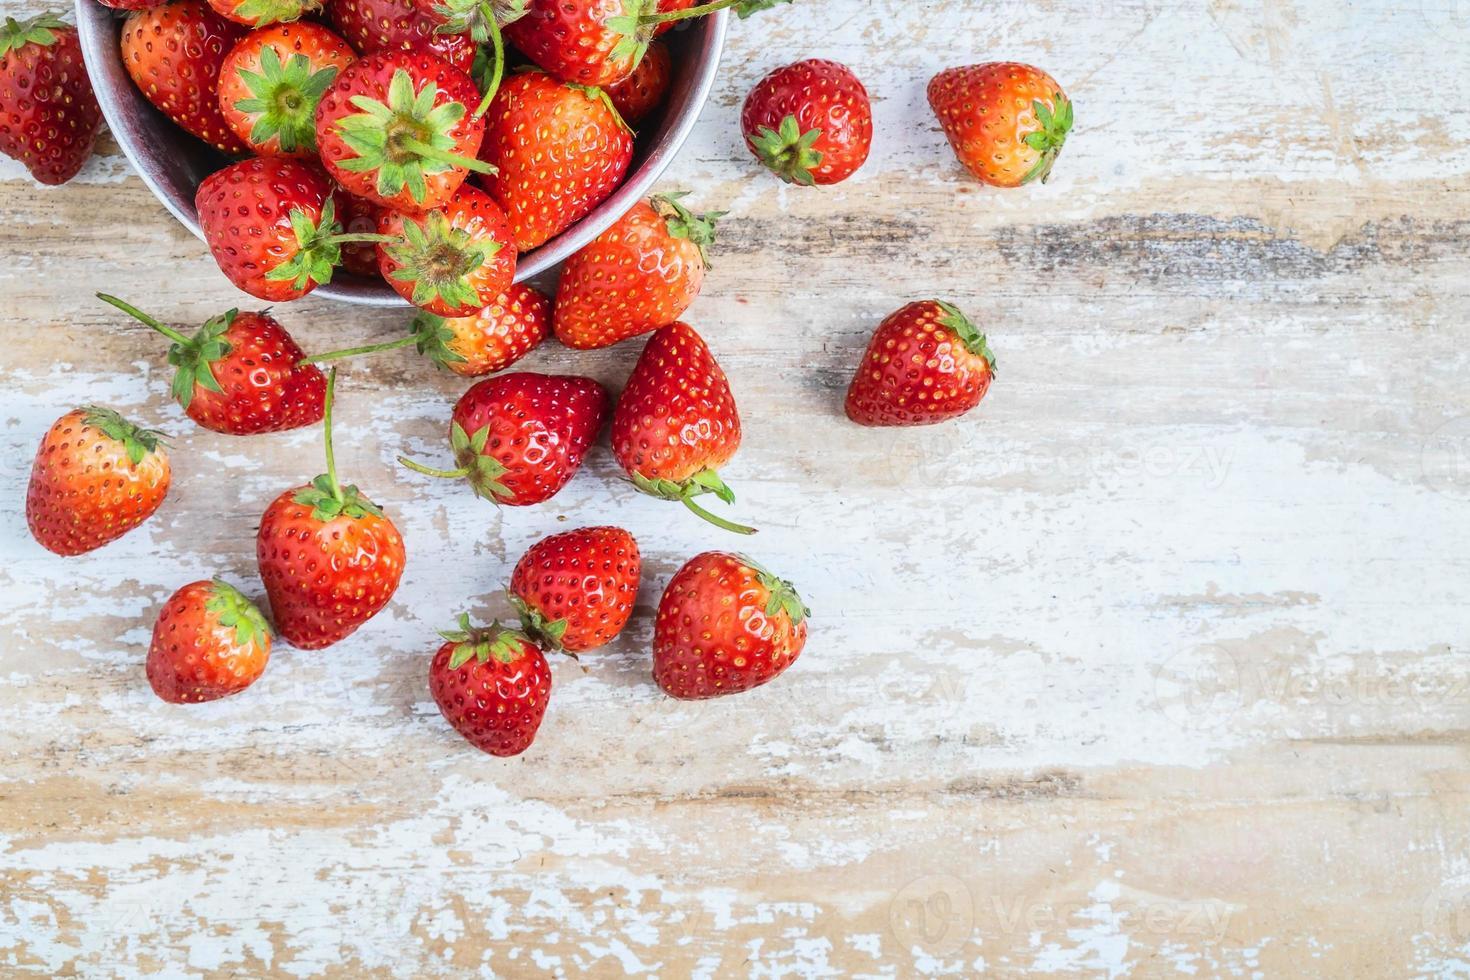 verse aardbeien op een tafel foto